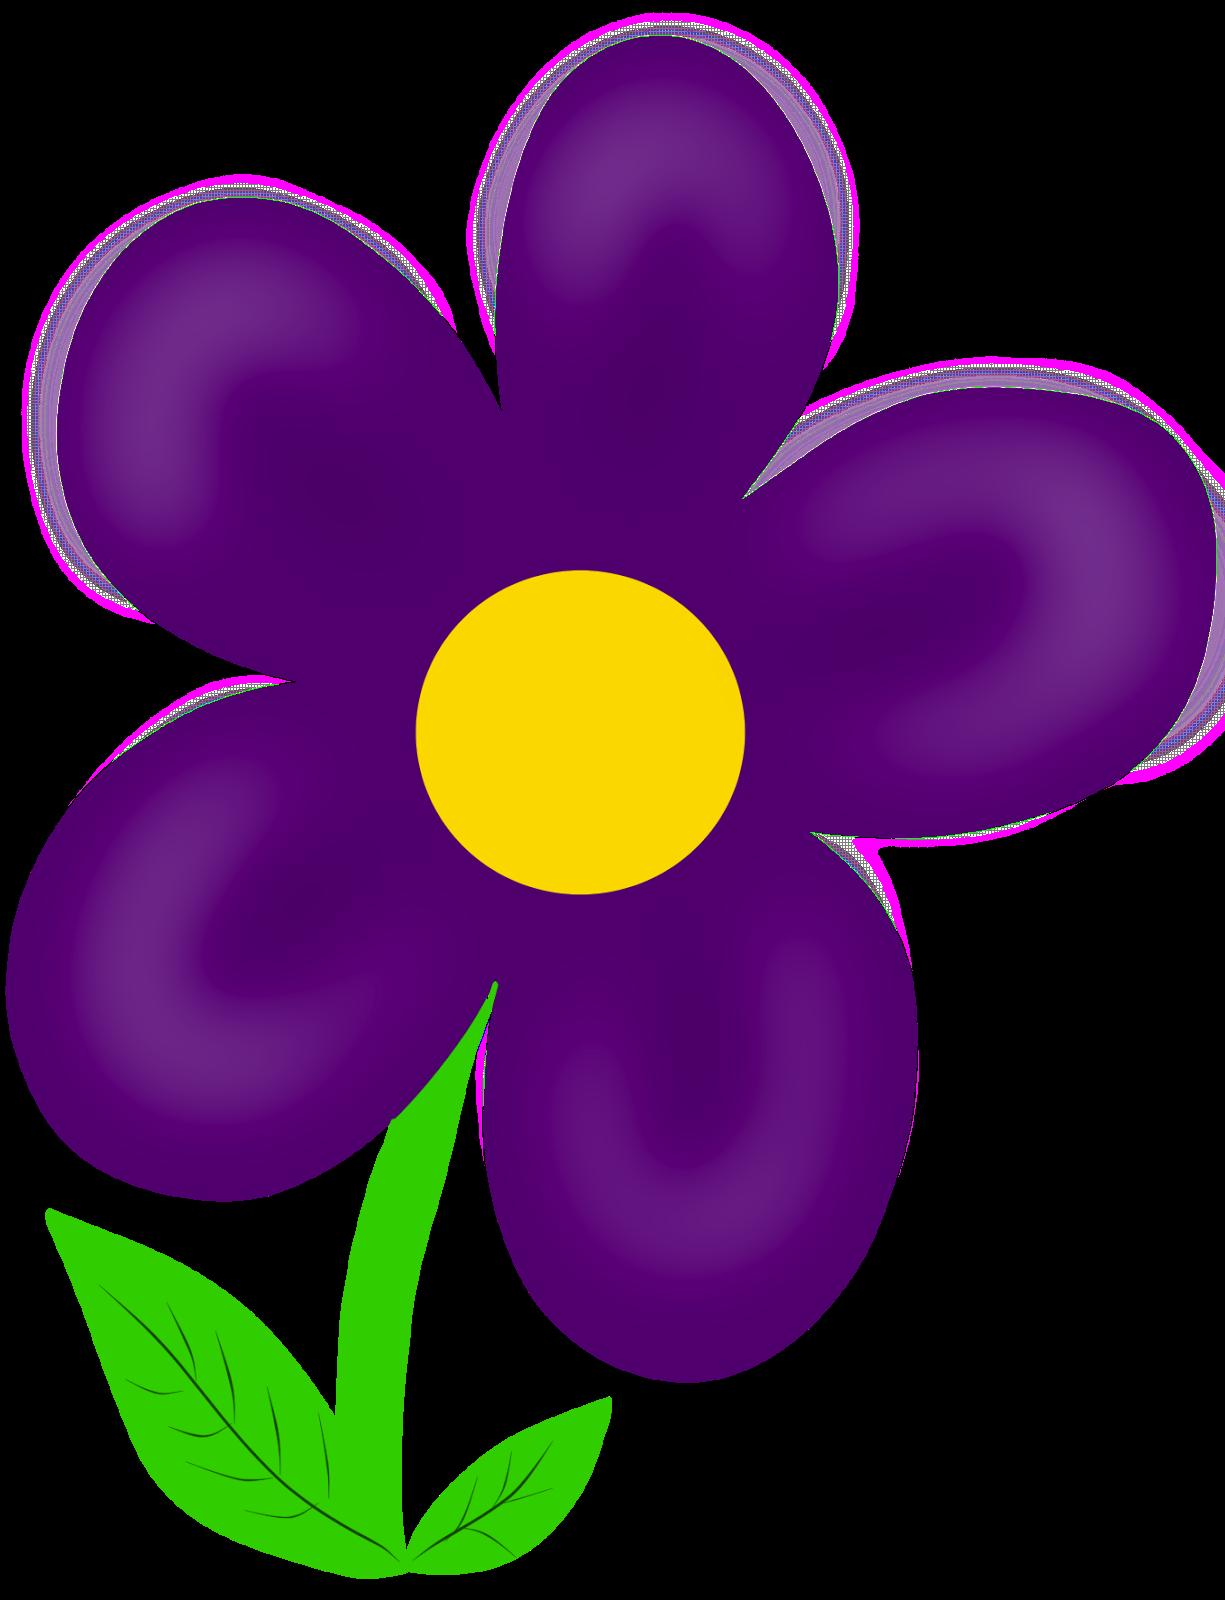 April Flowers Clip Art - ClipArt Best